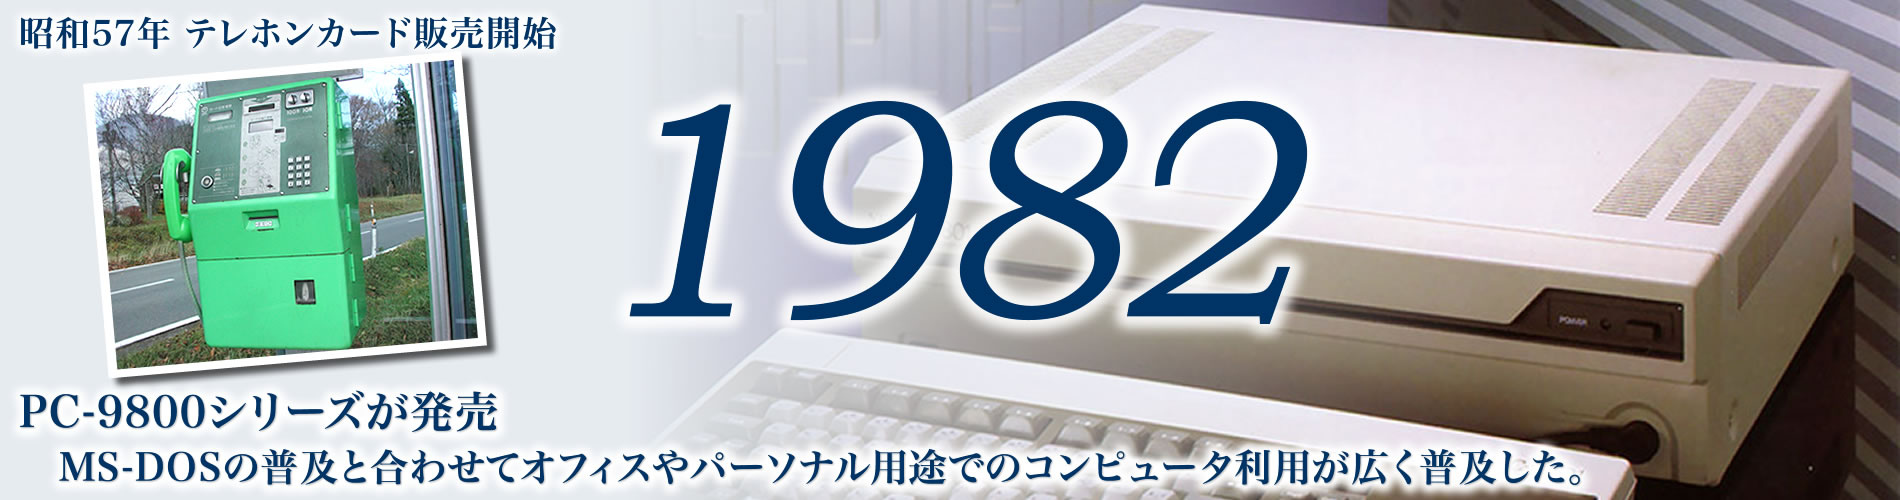 1982年、PC-9800シリーズが発売、オフィスやパーソナル用途でのコンピュータ利用が広く普及